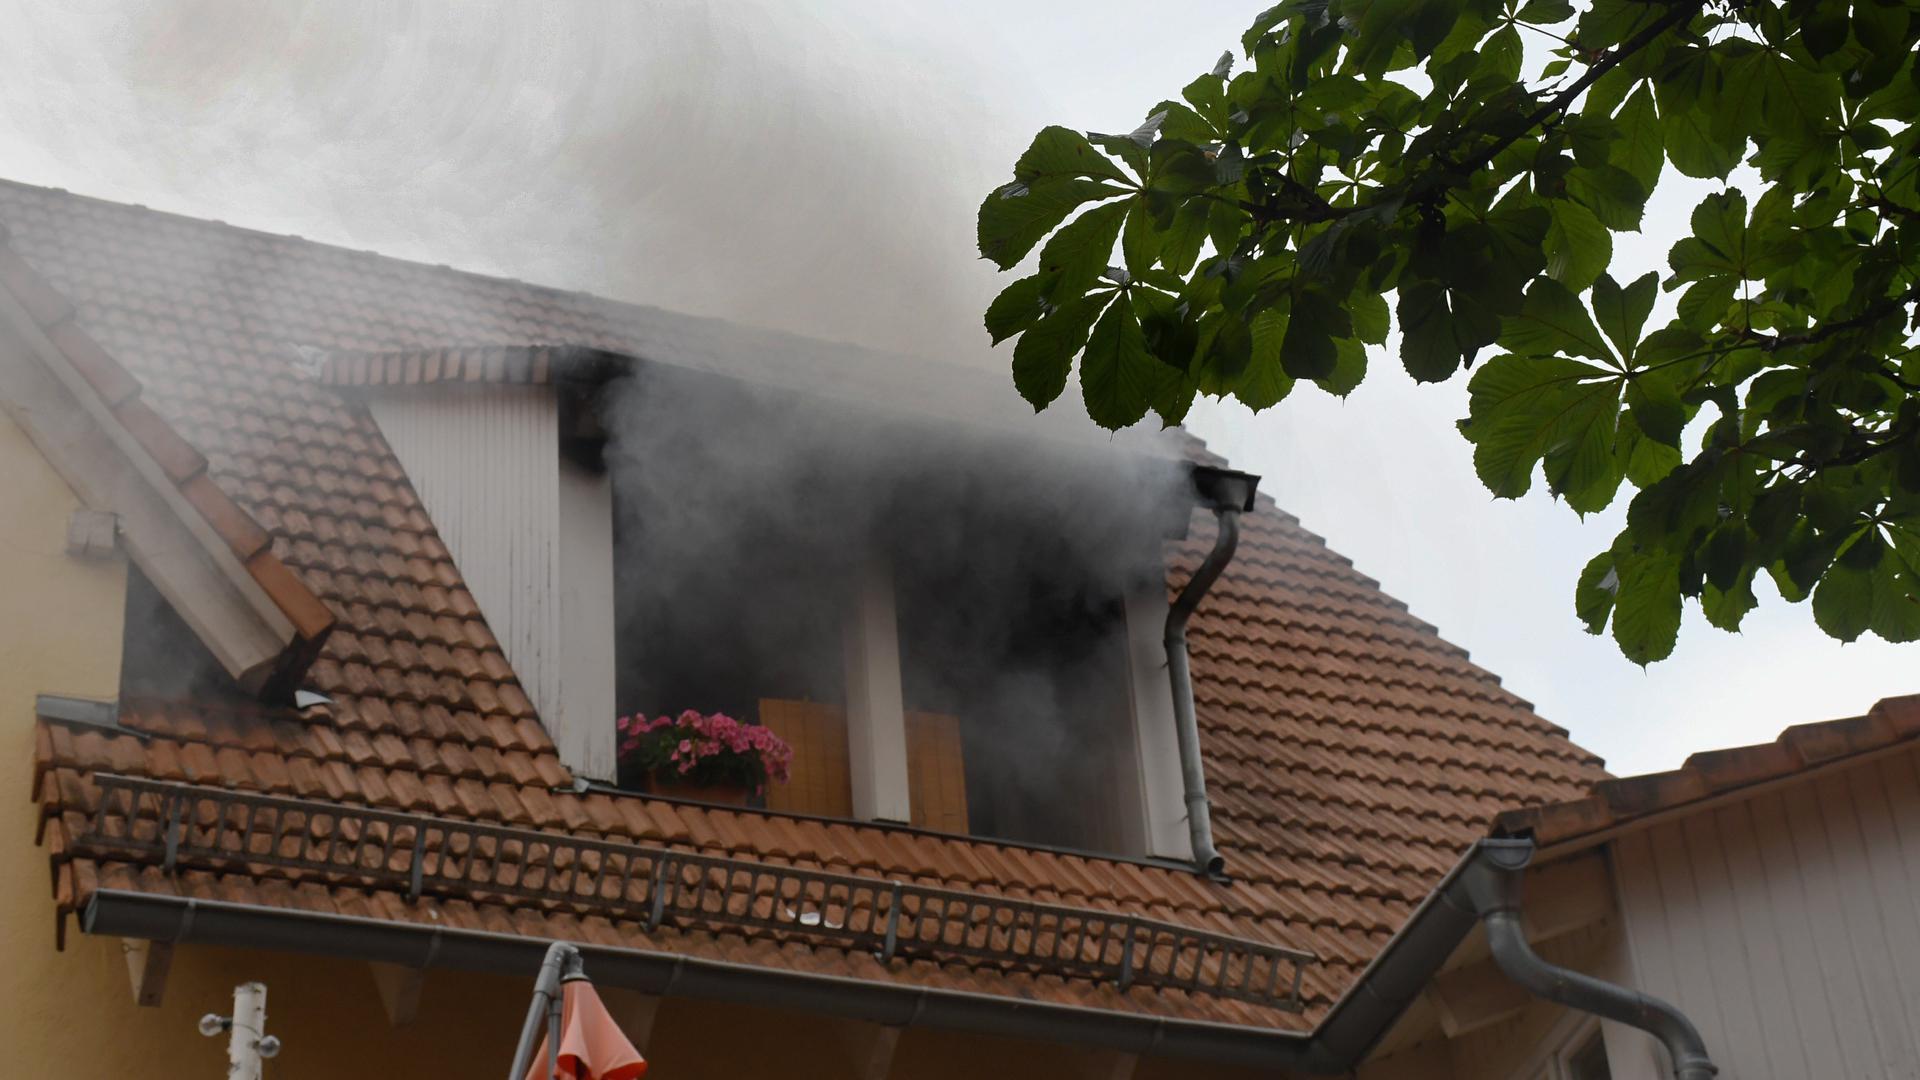 Vier Personen, darunter ein Kind waren bei dem Brand in Steinbach von Rauchgas betroffen. Zudem wurde in dem Haus eine tote Person gefunden.